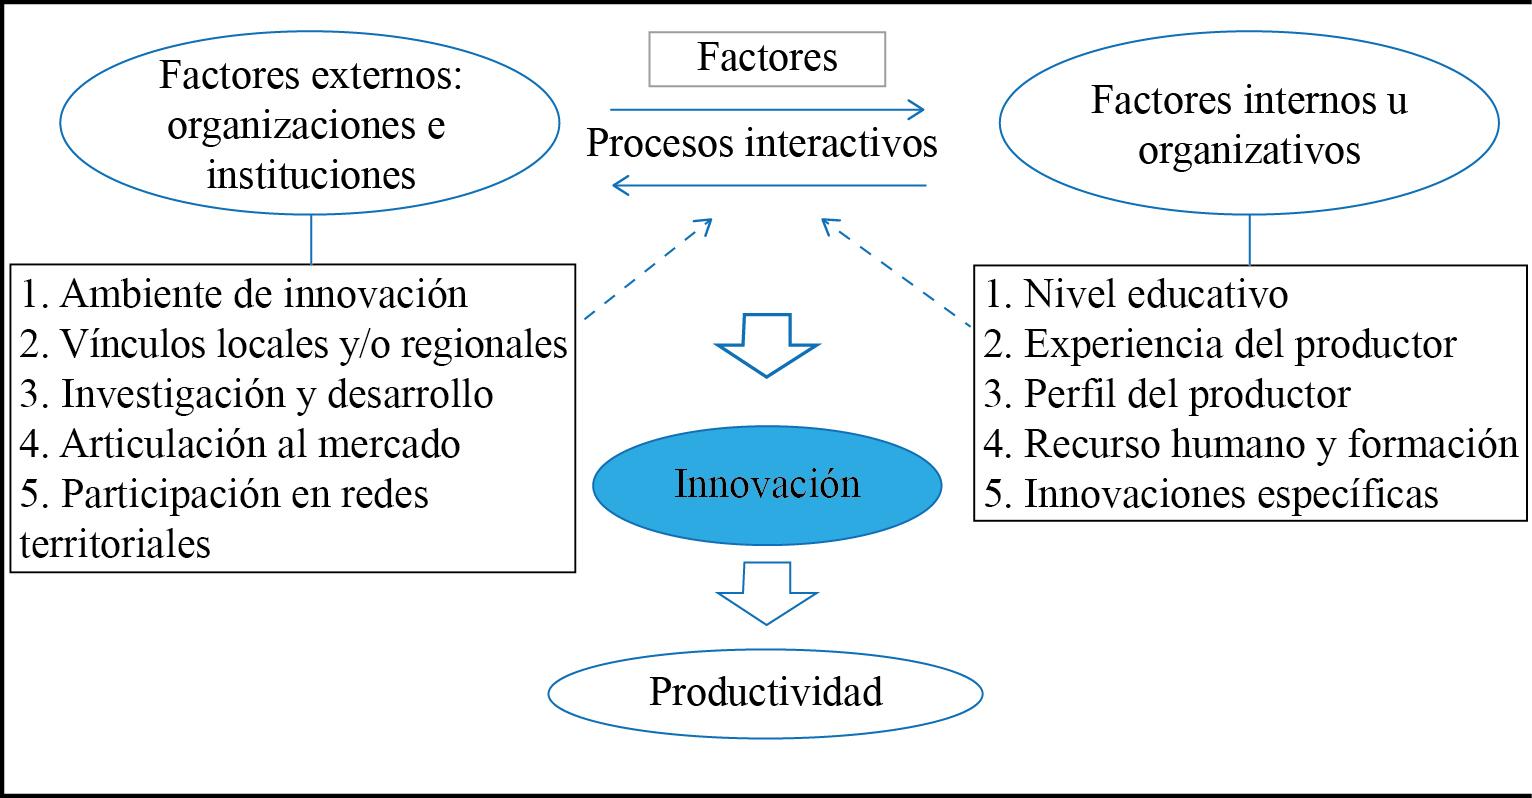 Modelo teórico propuesto y utilizado para la elaboración del cuestionario en el proceso metodológico